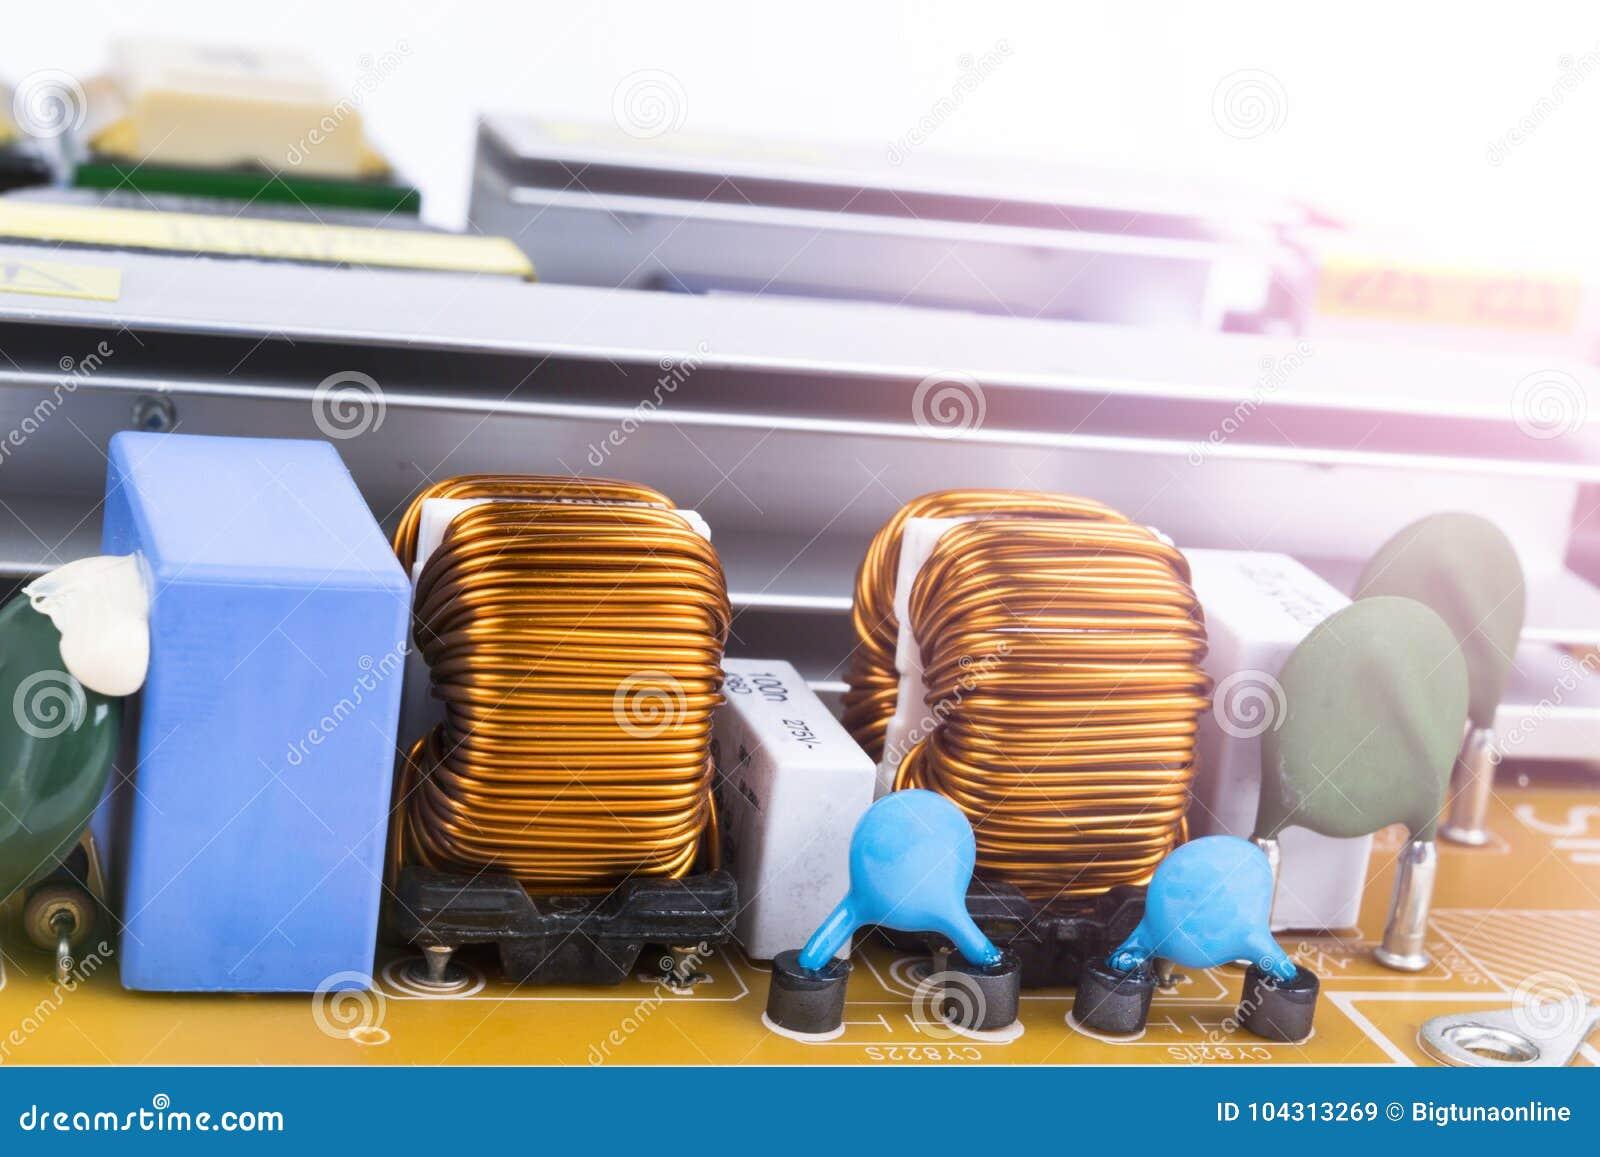 Circuitboard avec des résistances, des puces et des composants électroniques Technologie de matériel informatique électronique Co